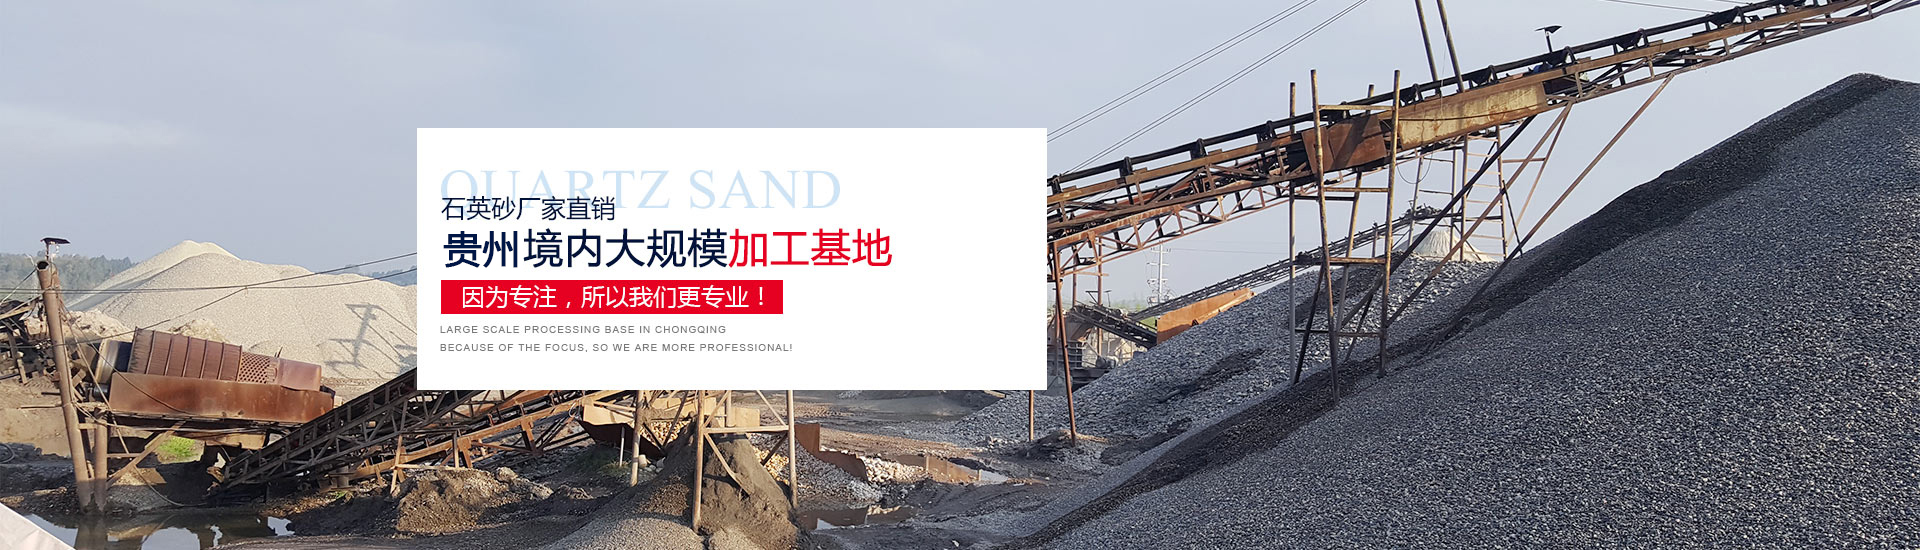 貴州石英砂銷售